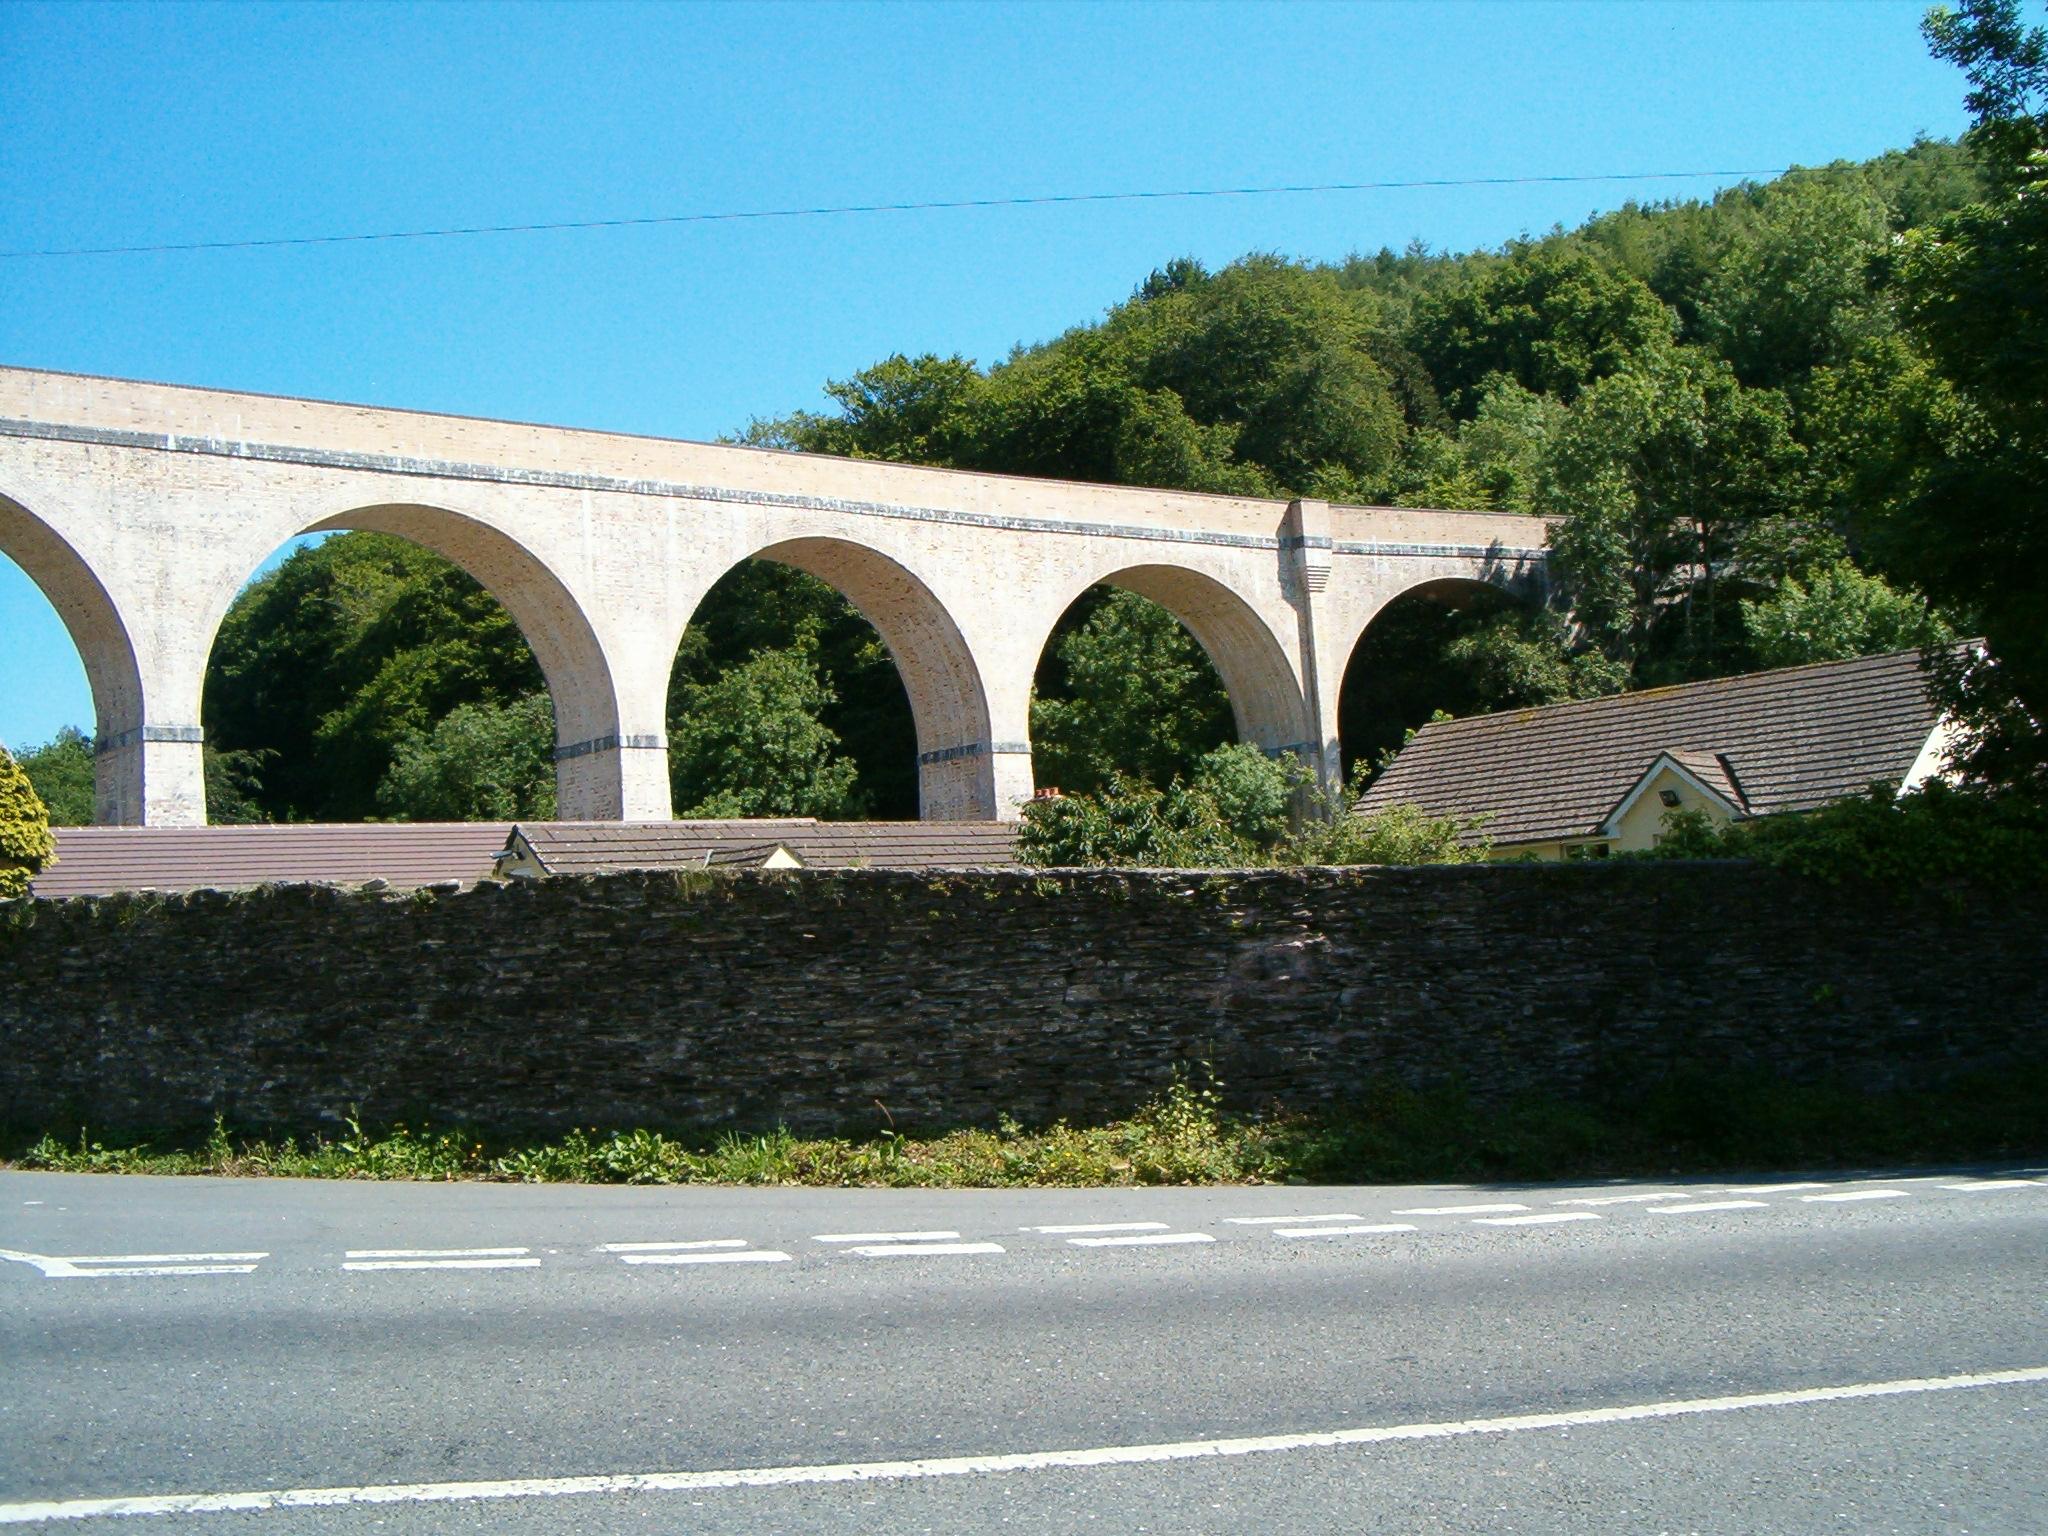 Chelfham Viaduct